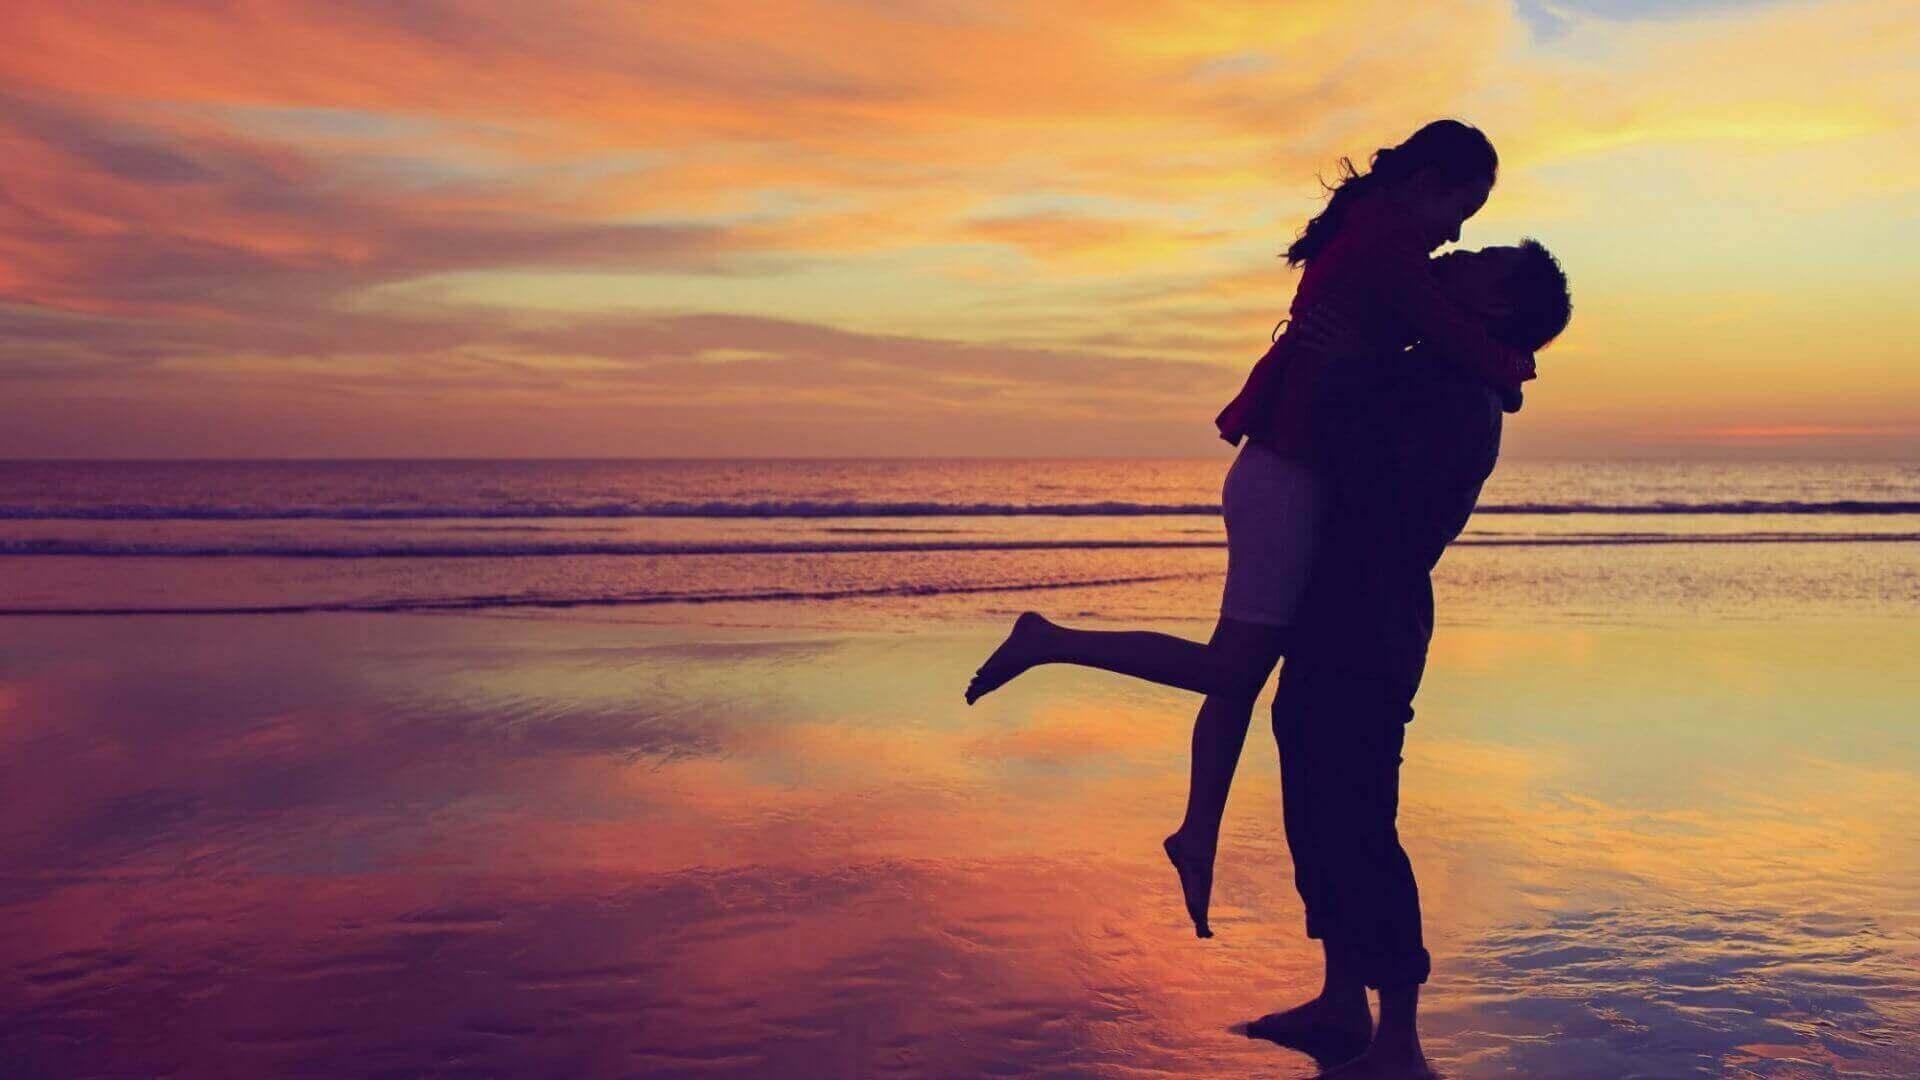 Aşk Acısı Nasıl Geçer? Aşk Acısını Atlatmak